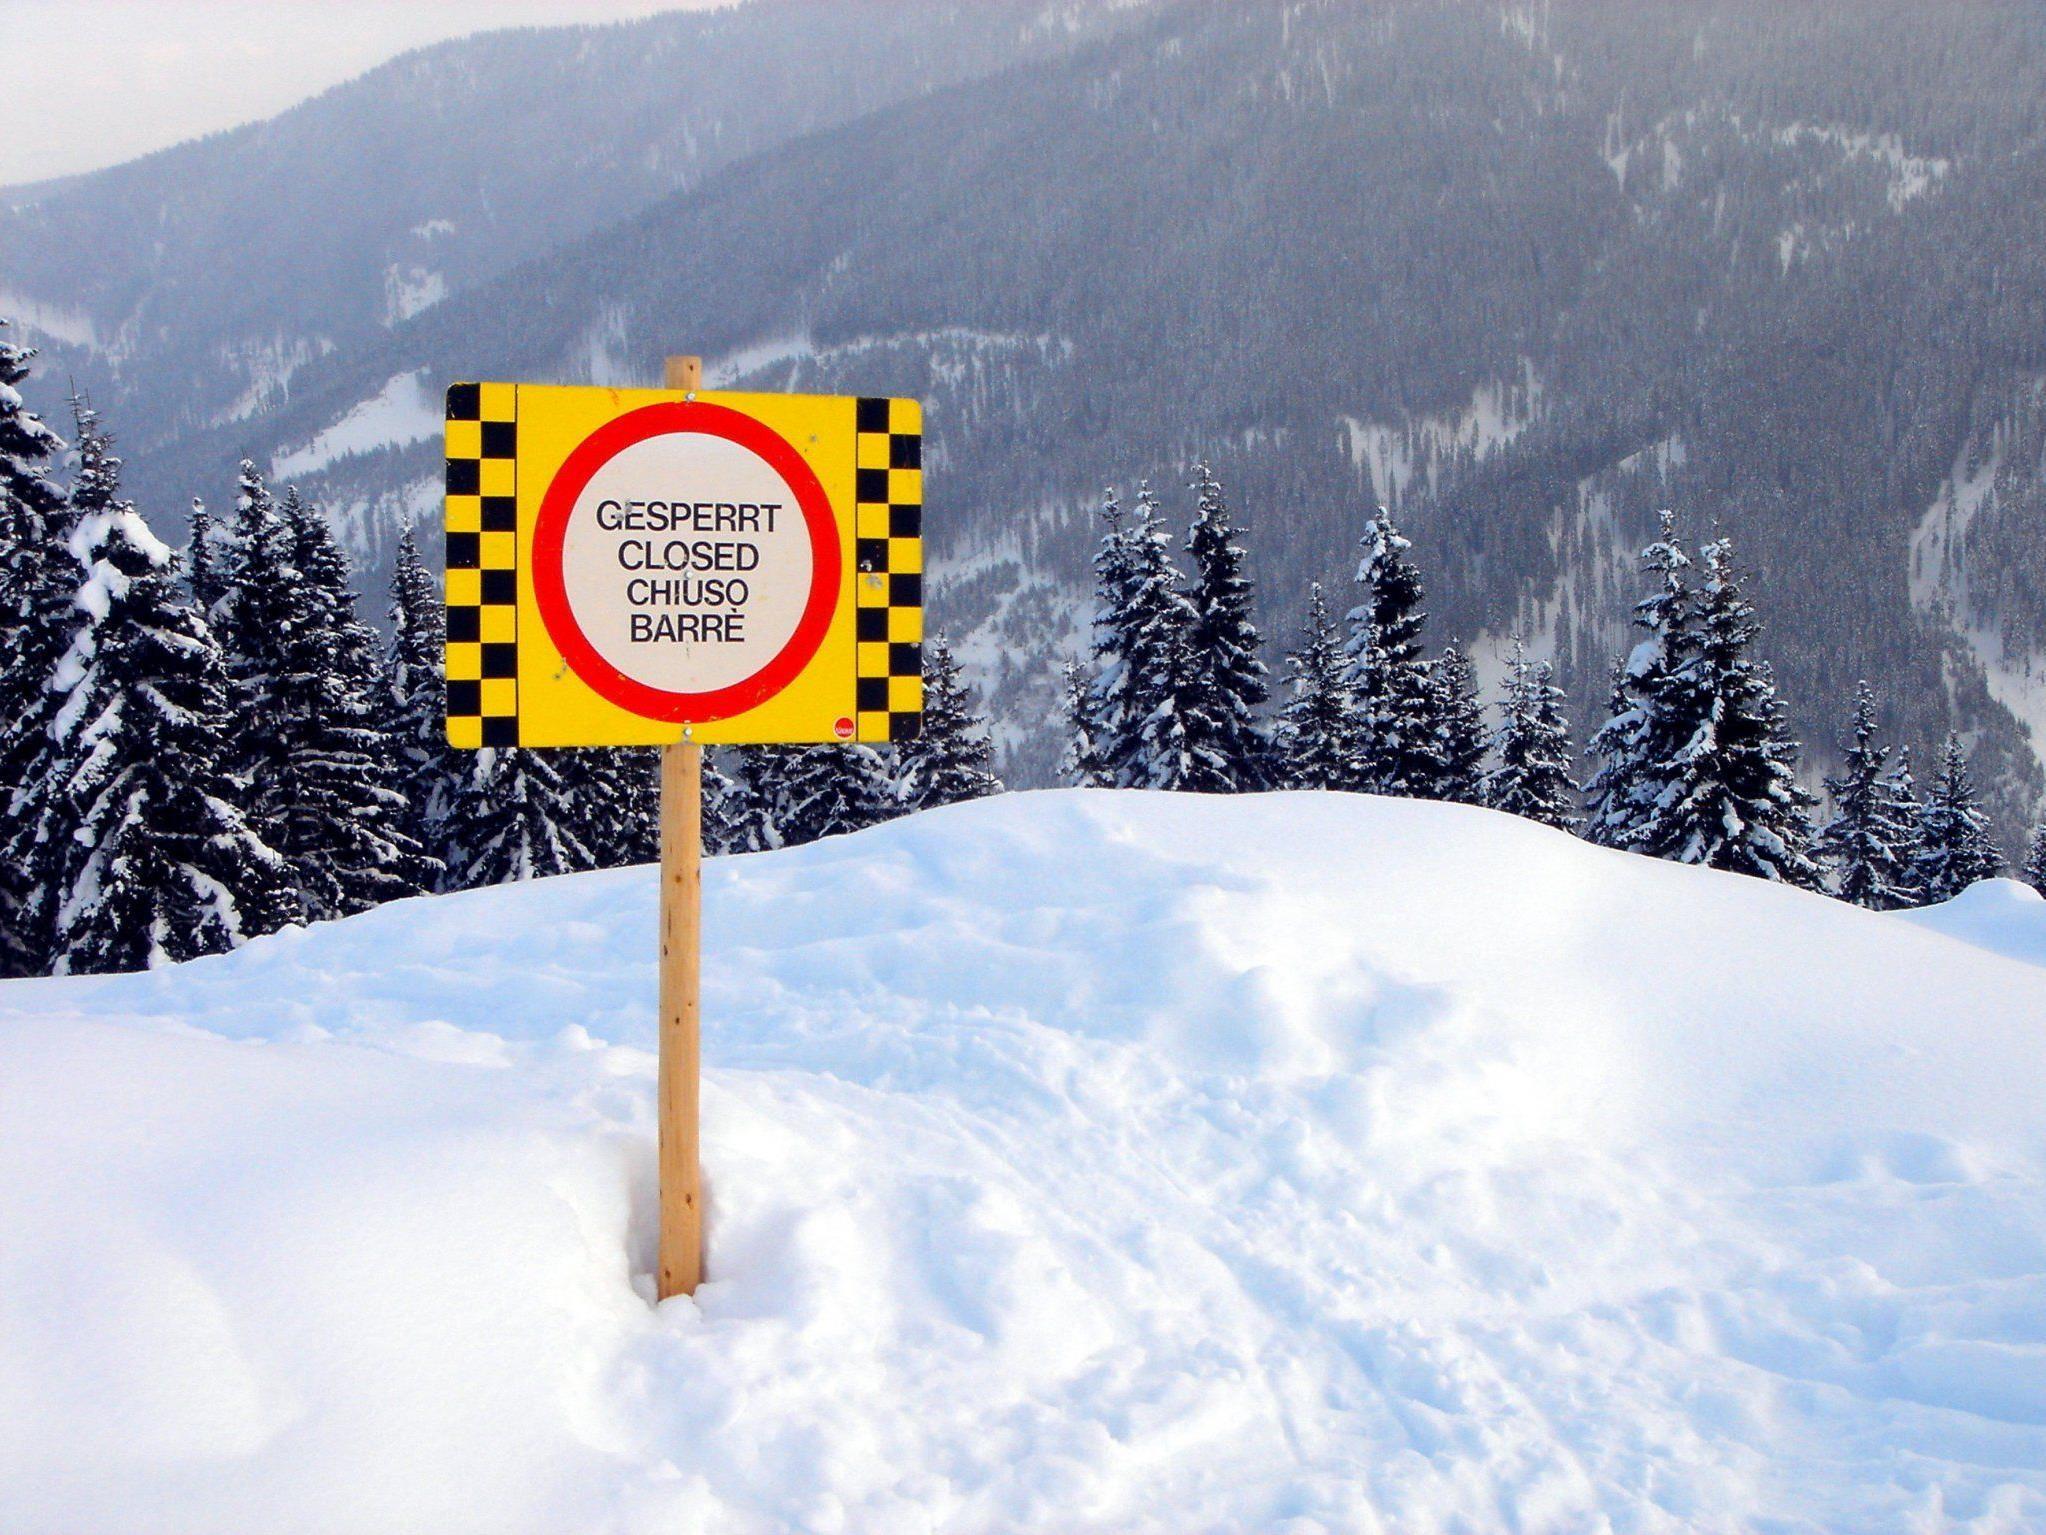 Dank ihrer Lawinenairbags wurden die beiden Skifahrer nicht verschüttet.